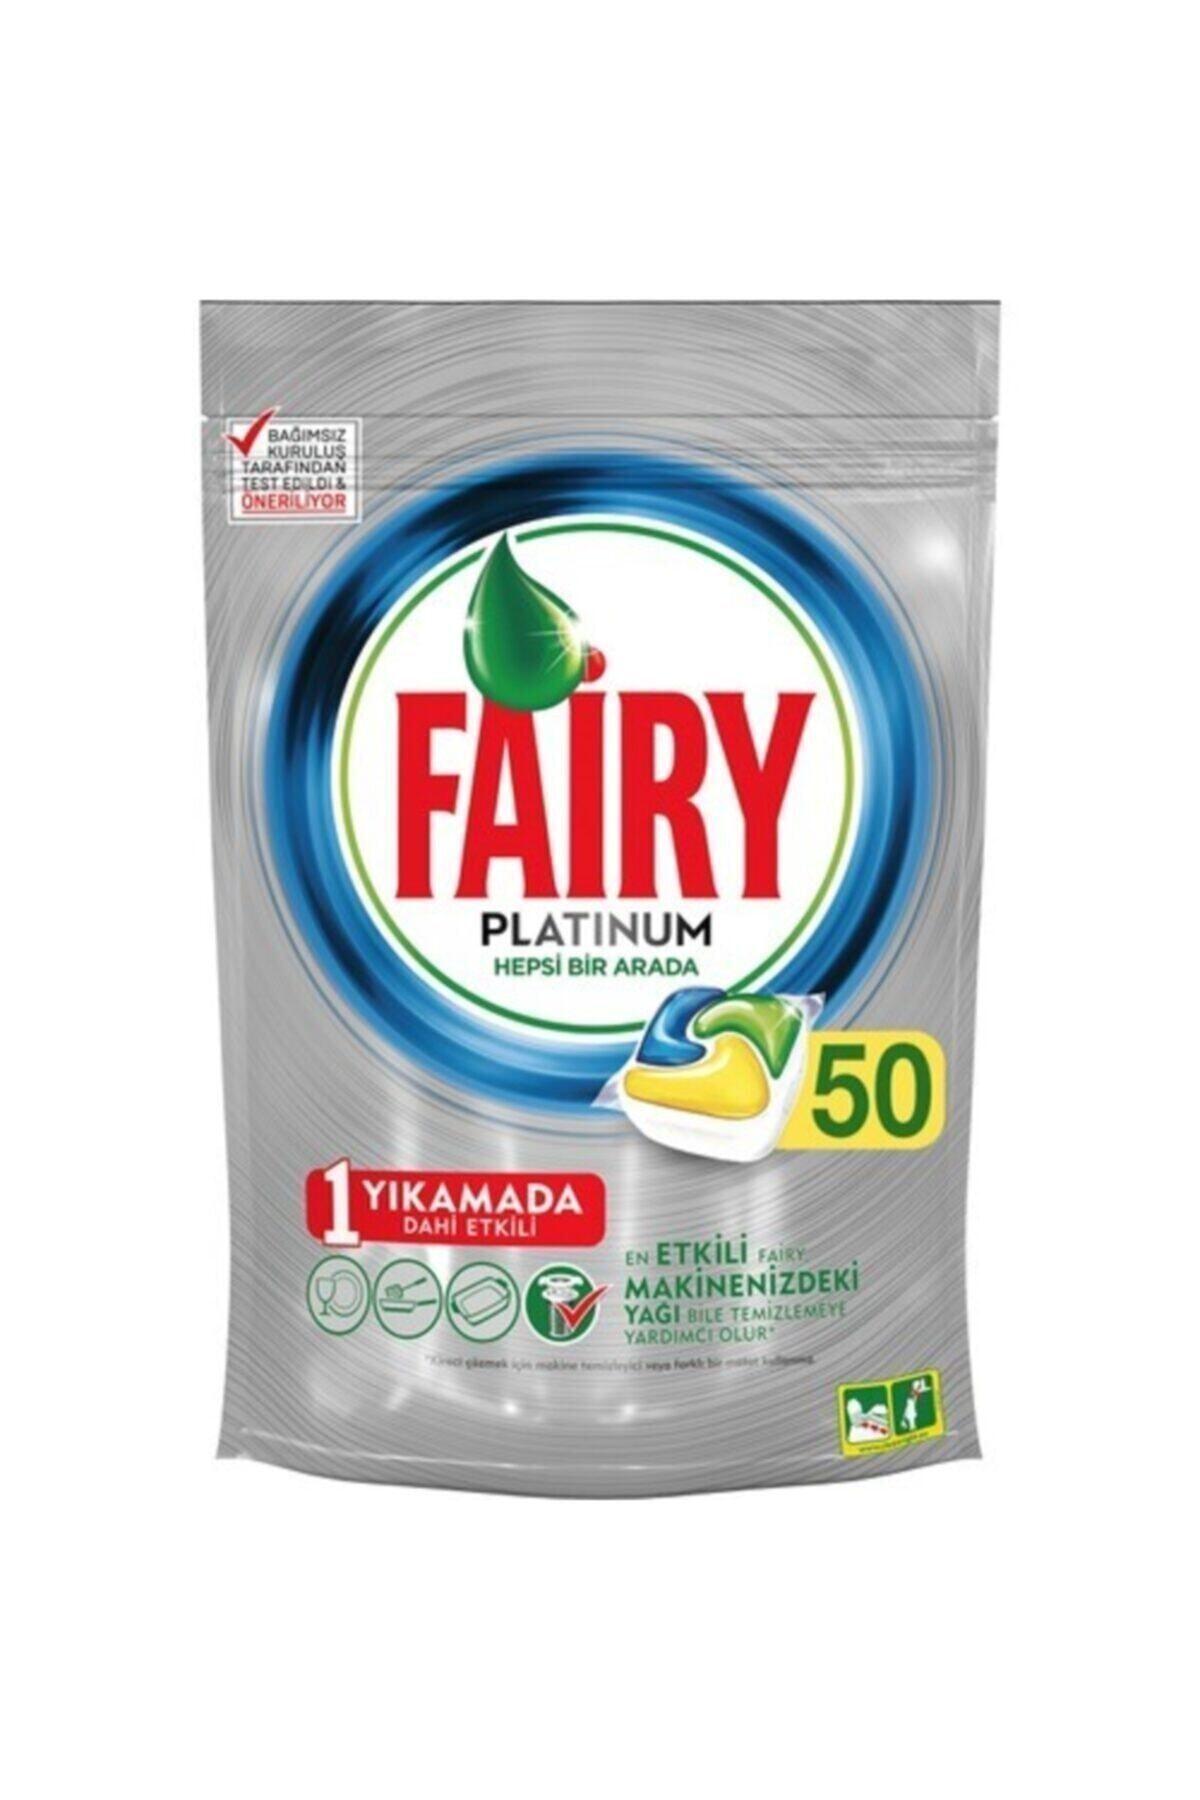 Fairy Platinum 50'li Yıkama Bulaşık Makinesi Deterjanı Tablet 1